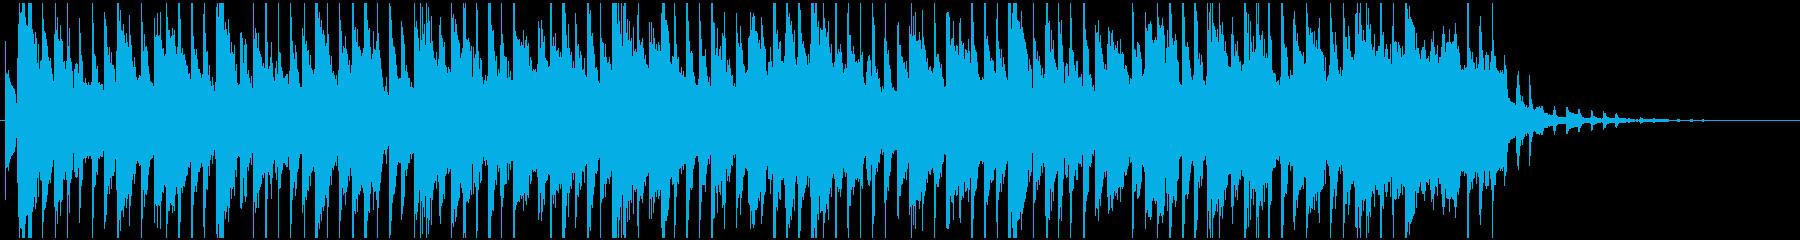 サックスのラジオジングルの再生済みの波形